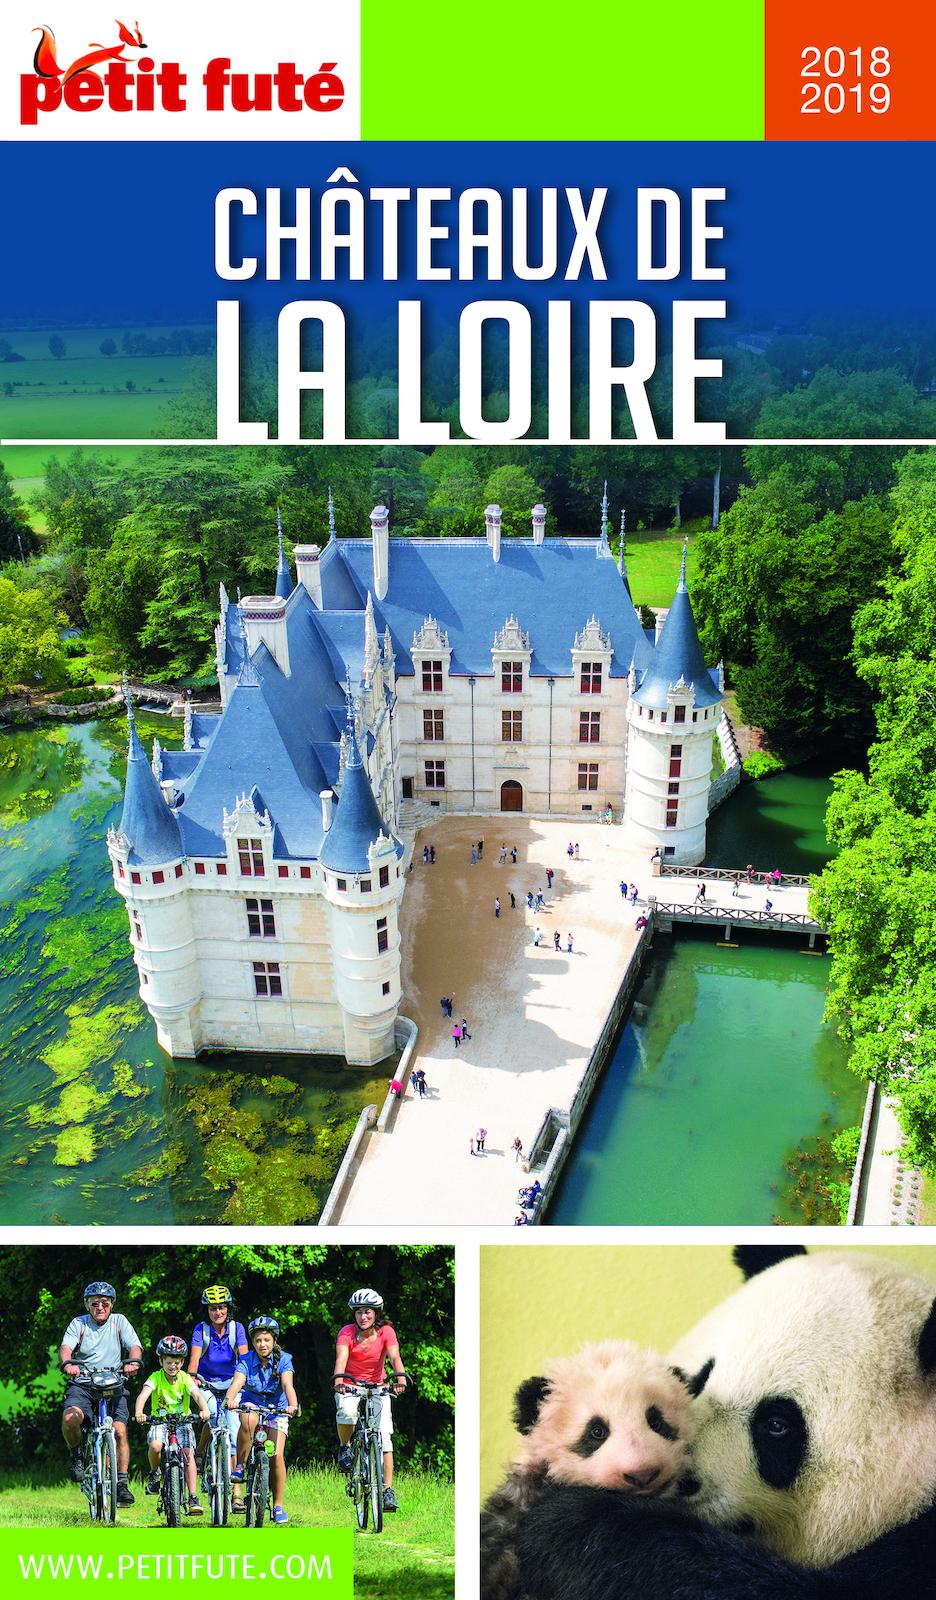 CHÂTEAUX DE LA LOIRE 2018/2019 Petit Futé